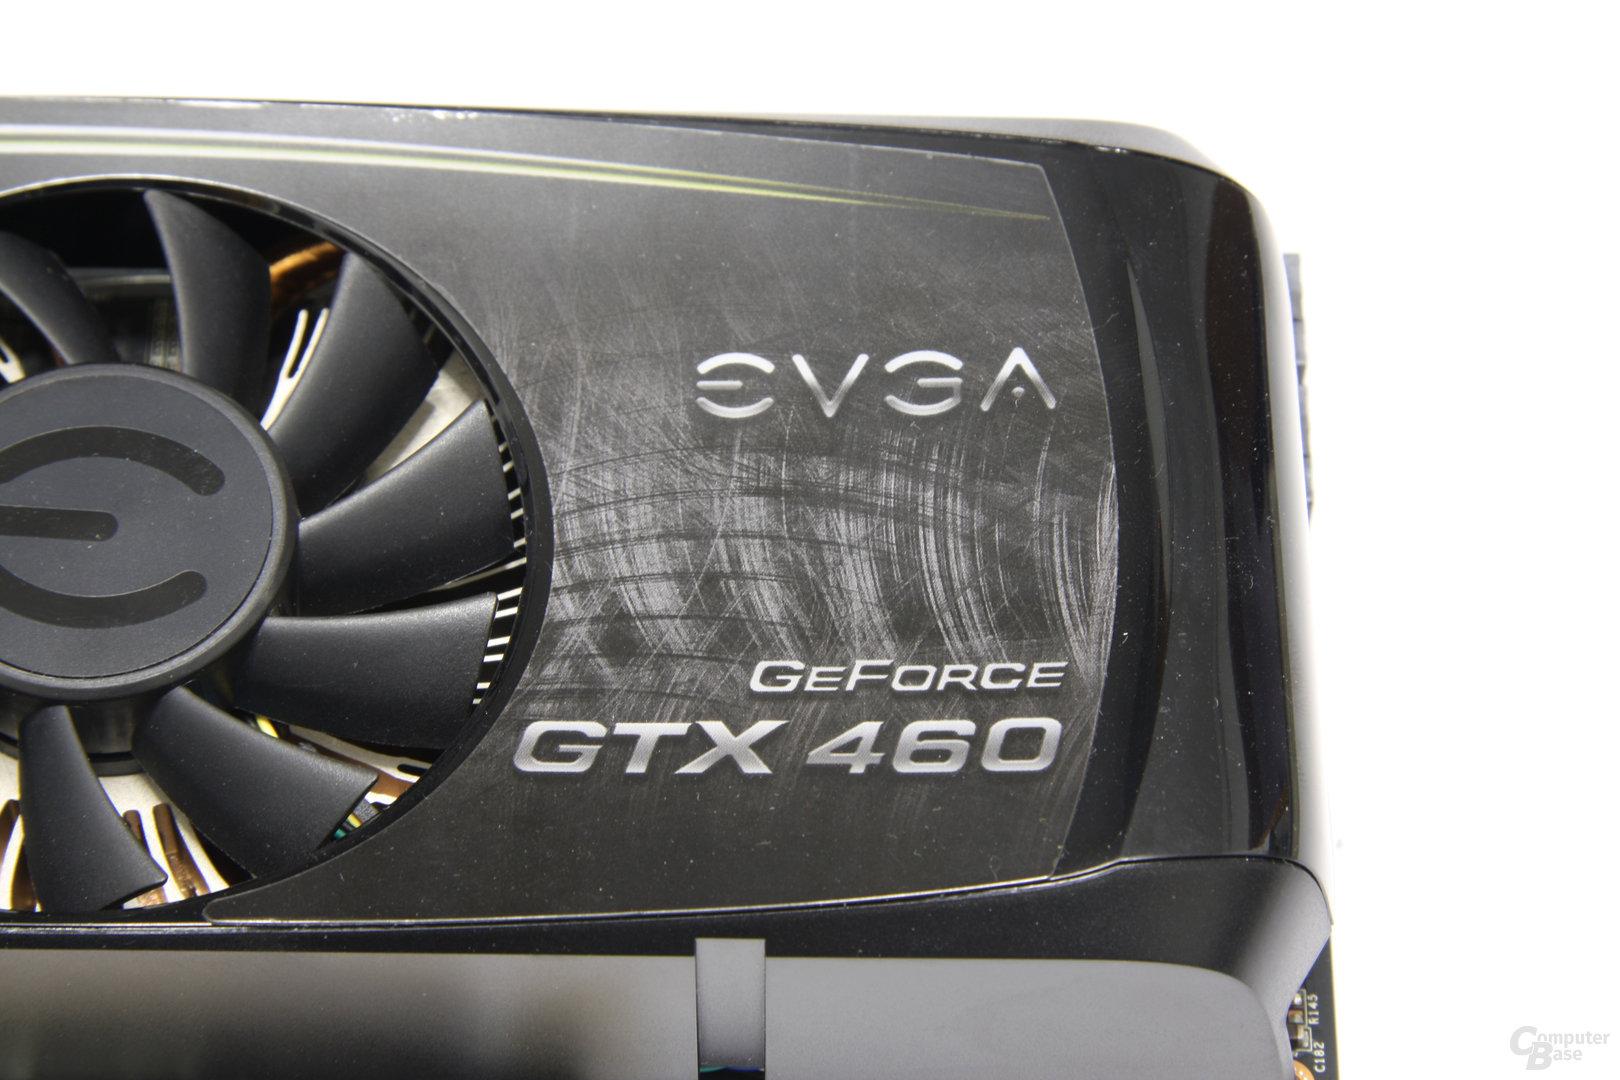 GeForce GTX 460 Logo